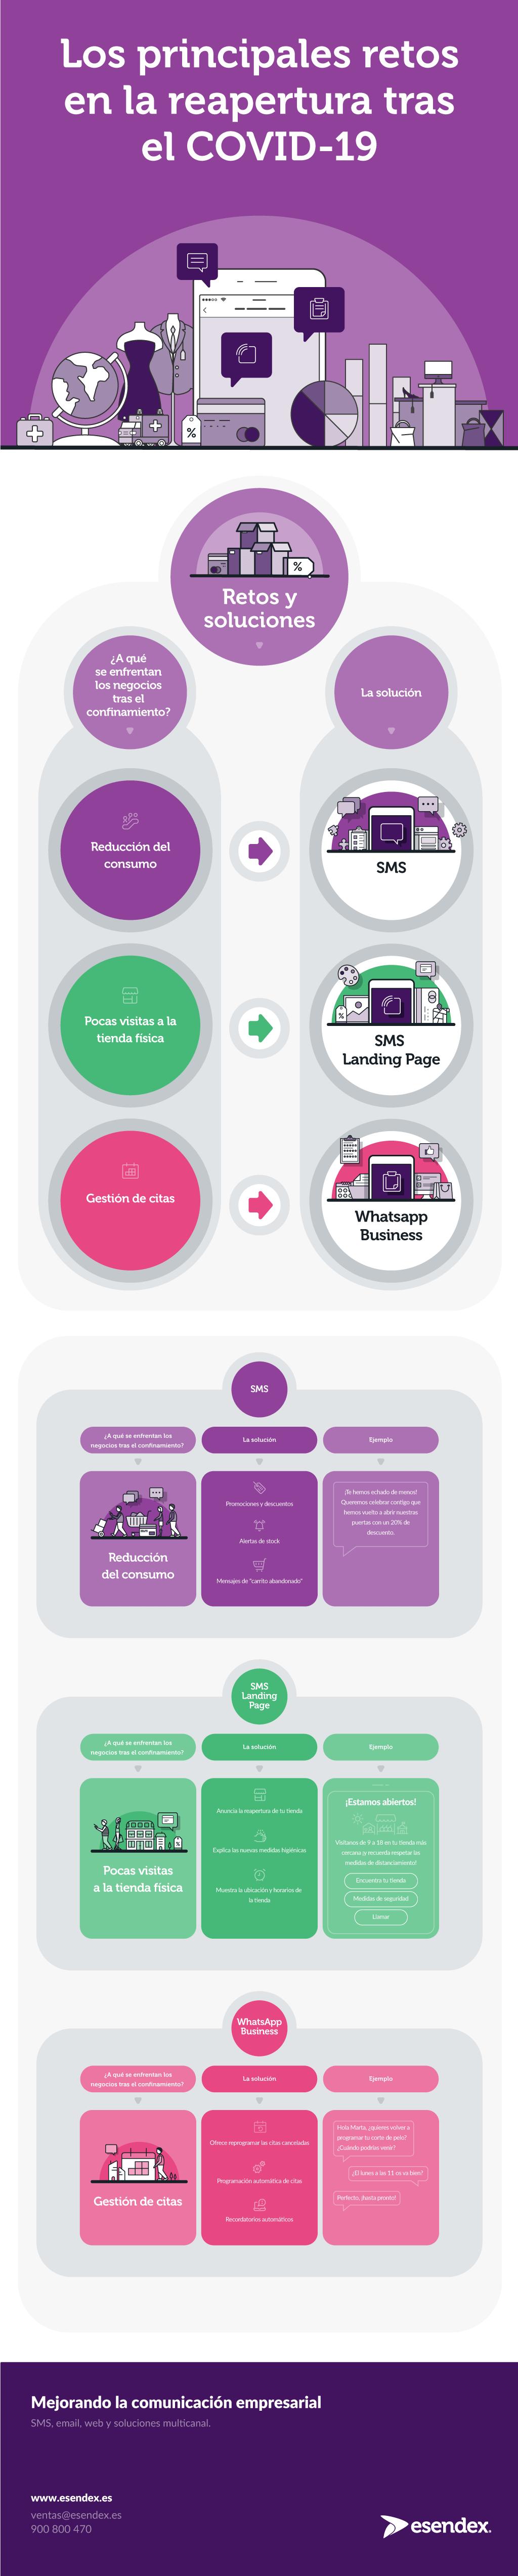 Infográfico sobre cómo usar el SMS y Whatsapp Business en la reapertura de tu negocio tras el COVID-19